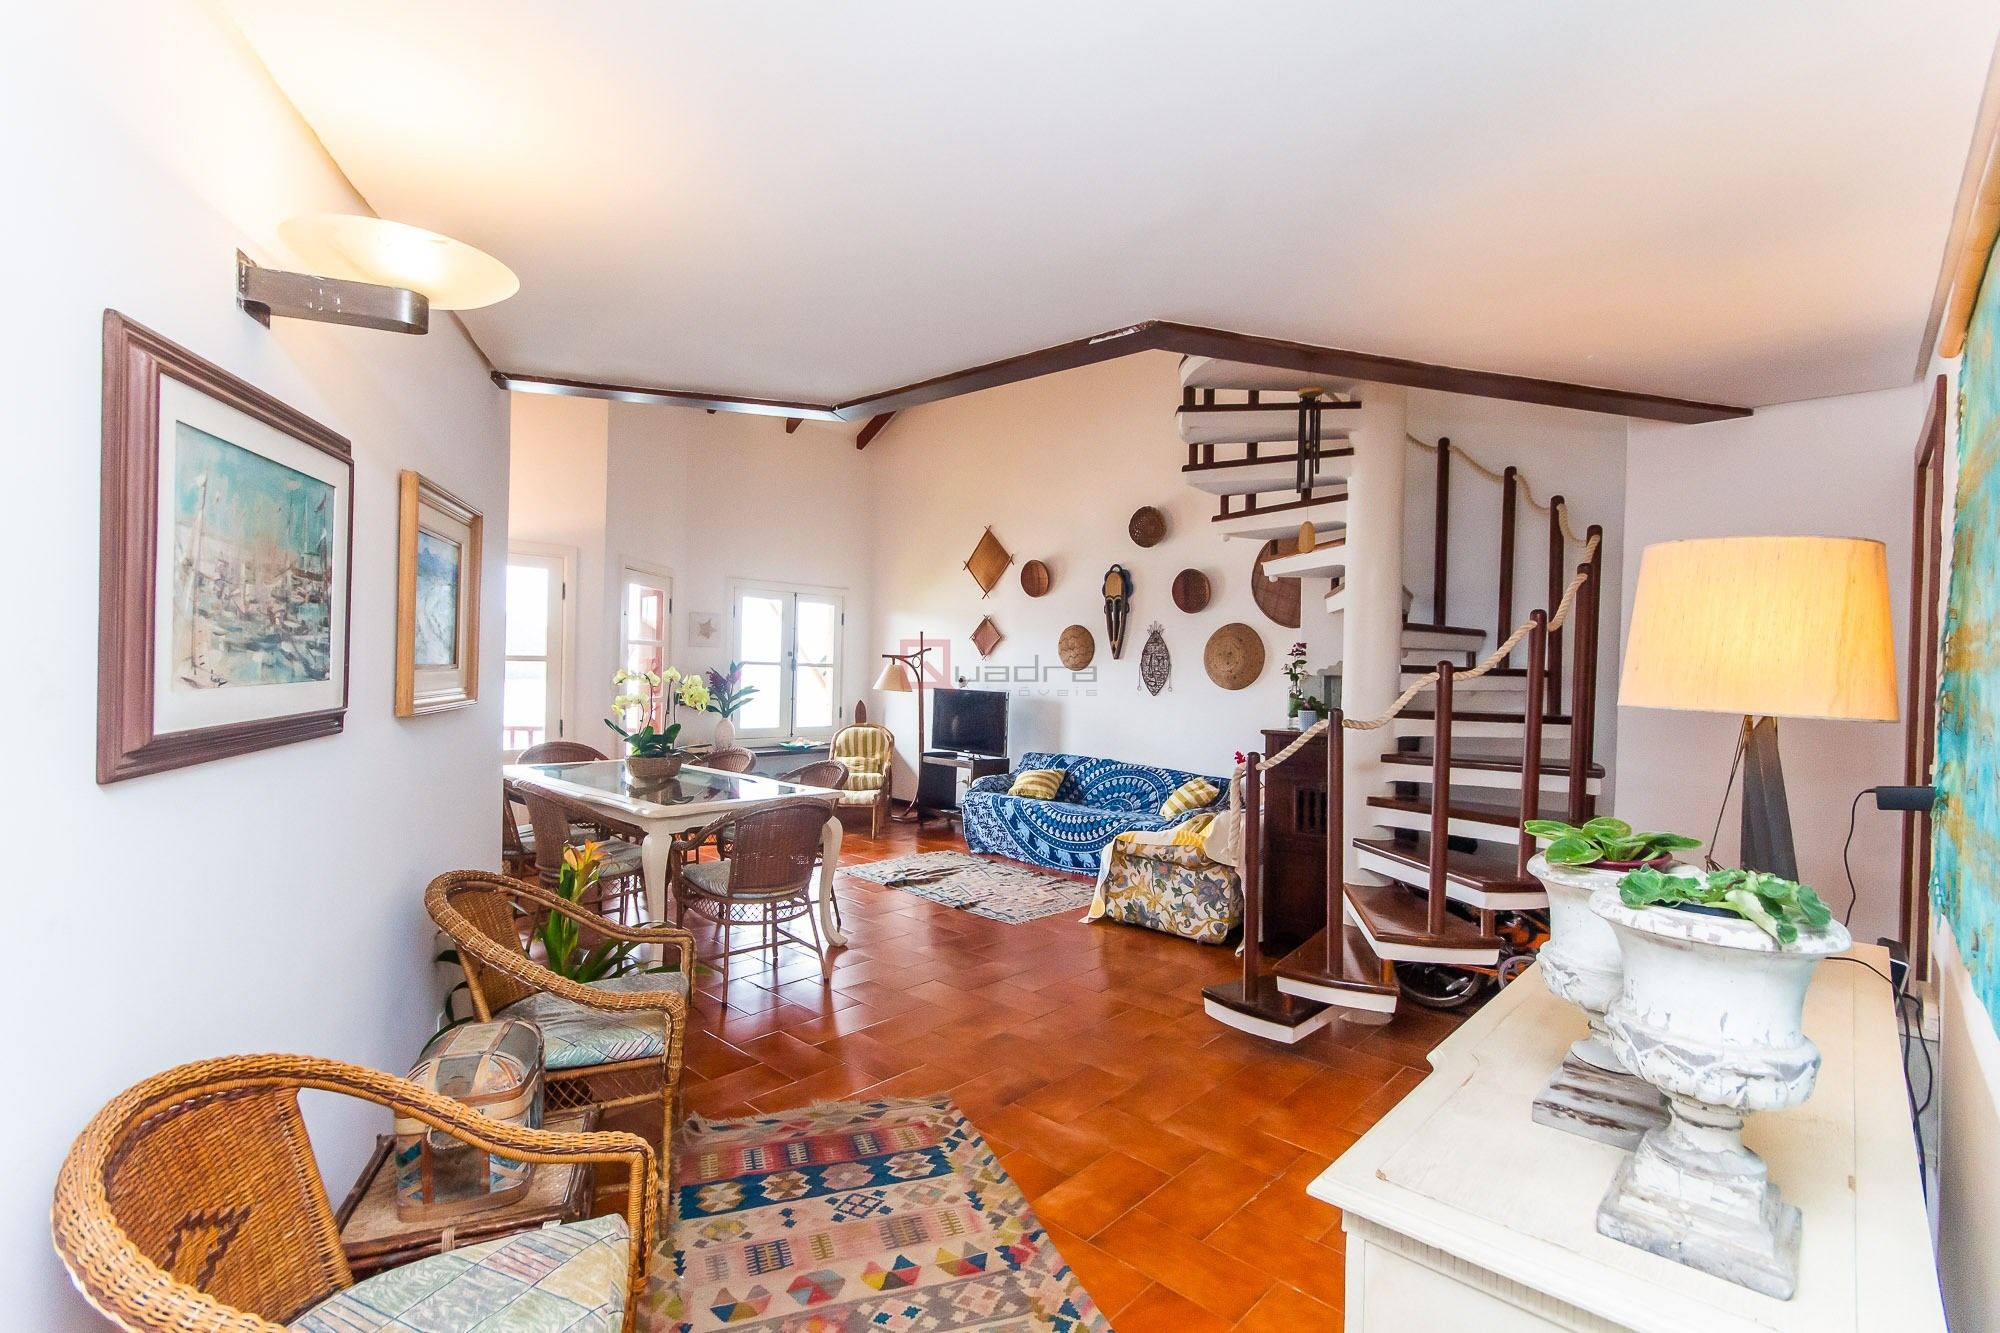 Apartamento com 3 dormitórios (1 suíte) para temporada em Caraguatatuba, no bairro Tabatinga